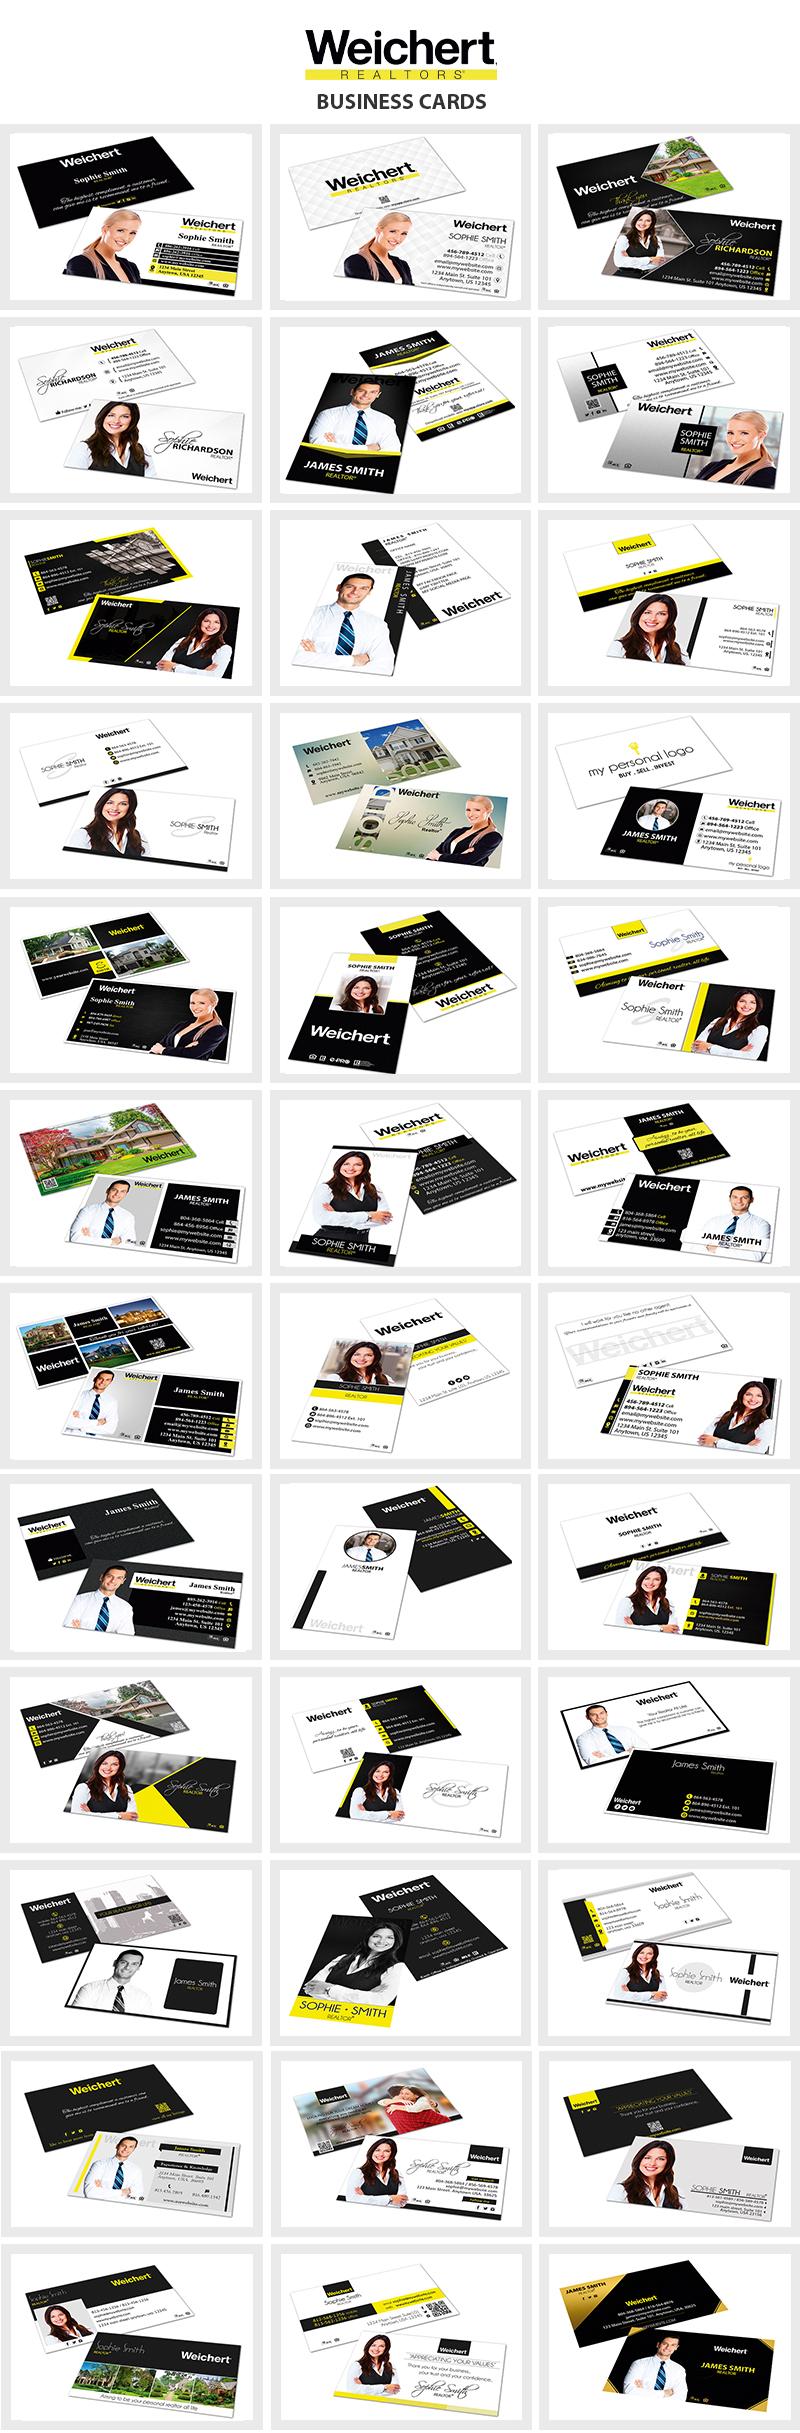 Weichert Realtors Card Templates   Weichert Realtors Cards, Modern Weichert Realtors Cards, Weichert Realtors Card Ideas, Weichert Realtors Card Printing